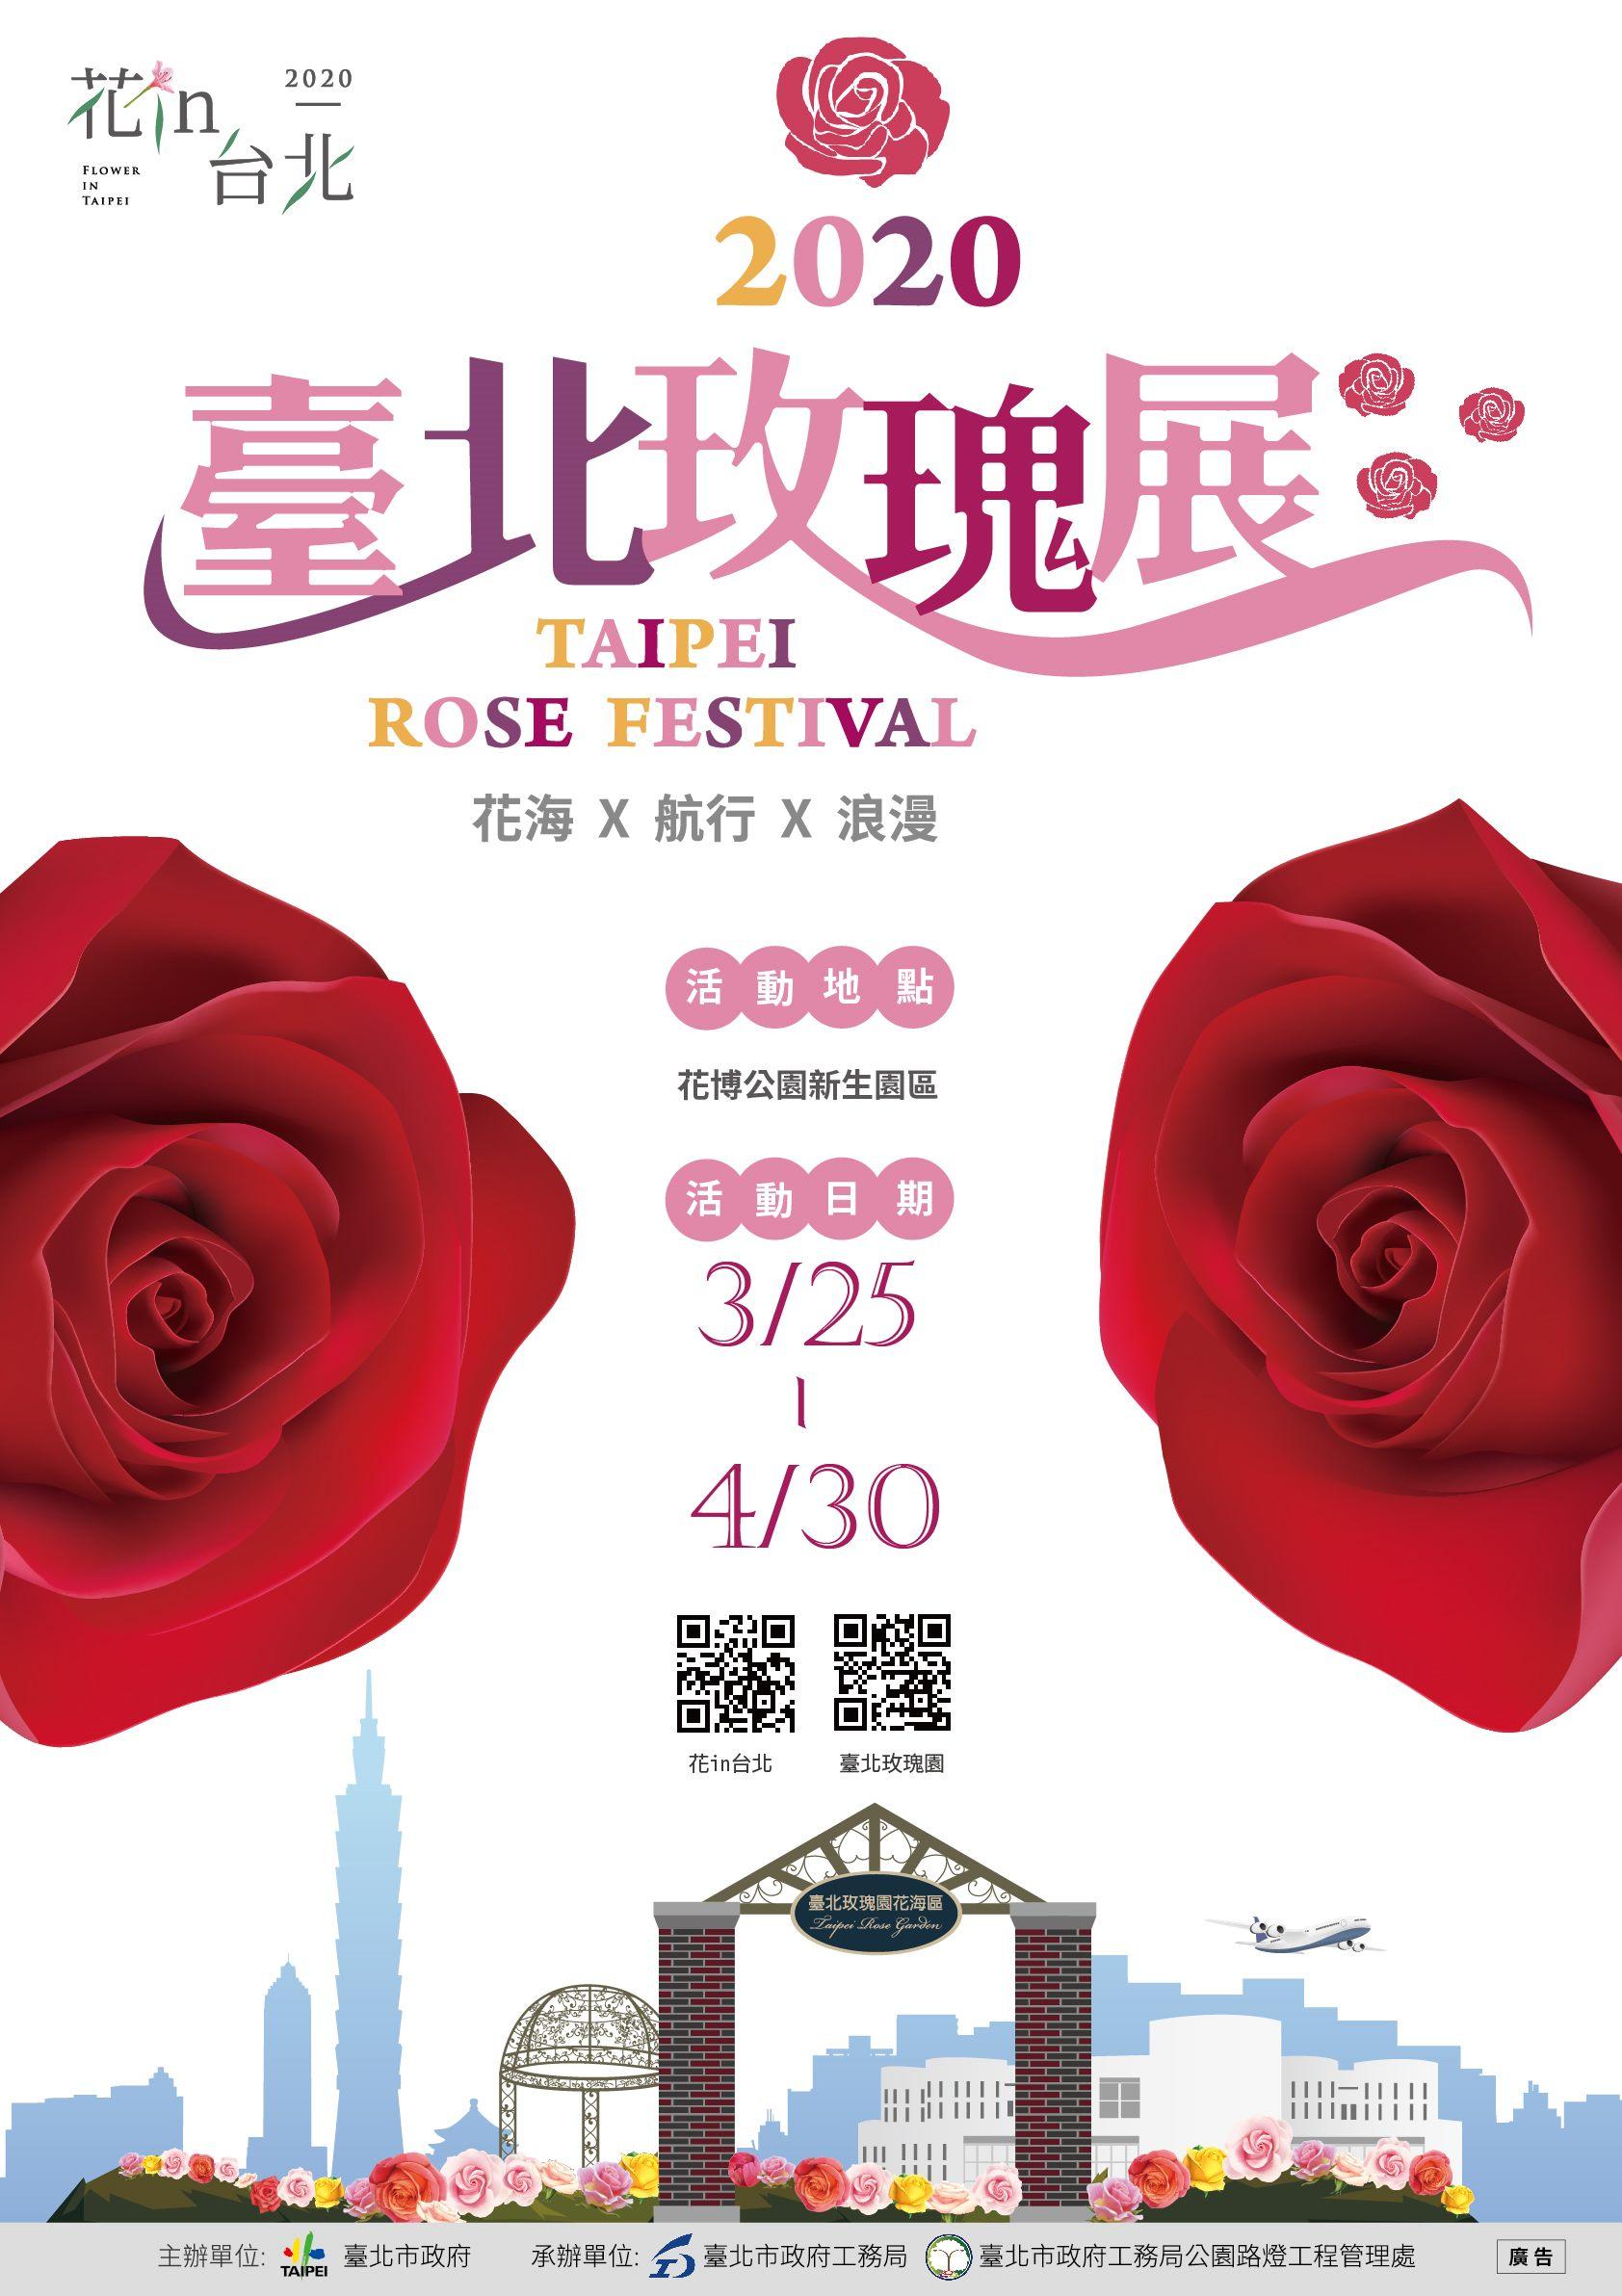 臺北玫瑰展宣傳海報